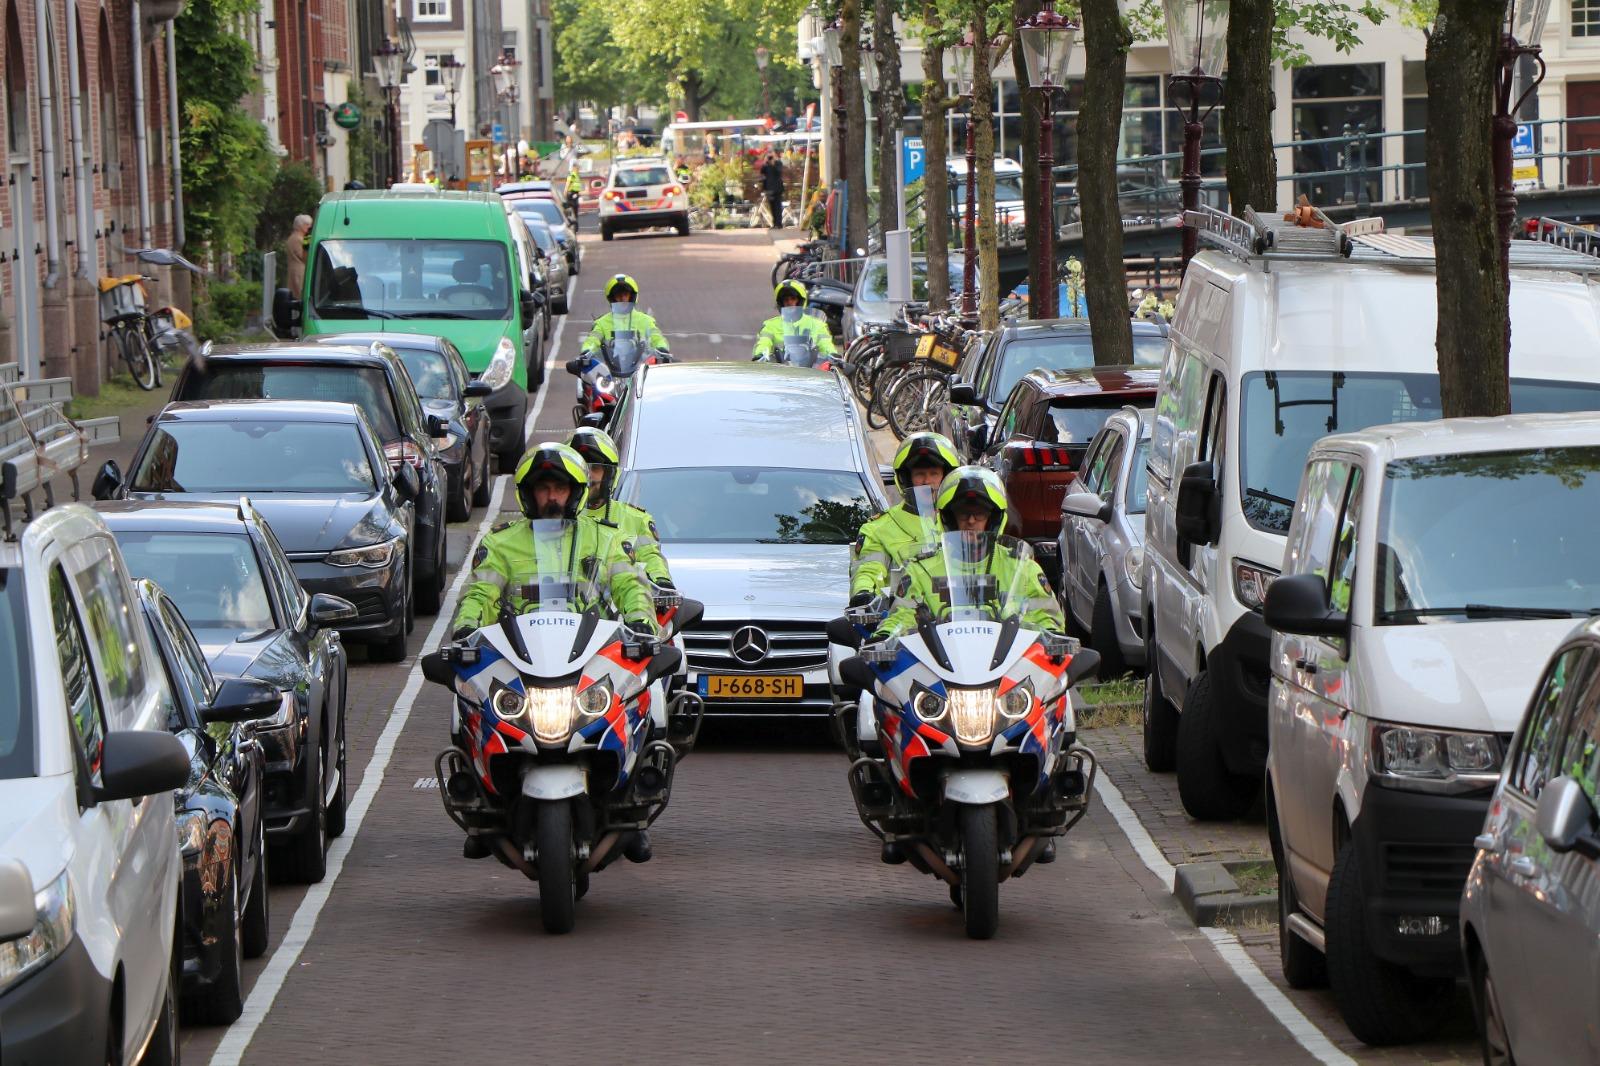 Politiemotoren begeleiden uitvaart stoet